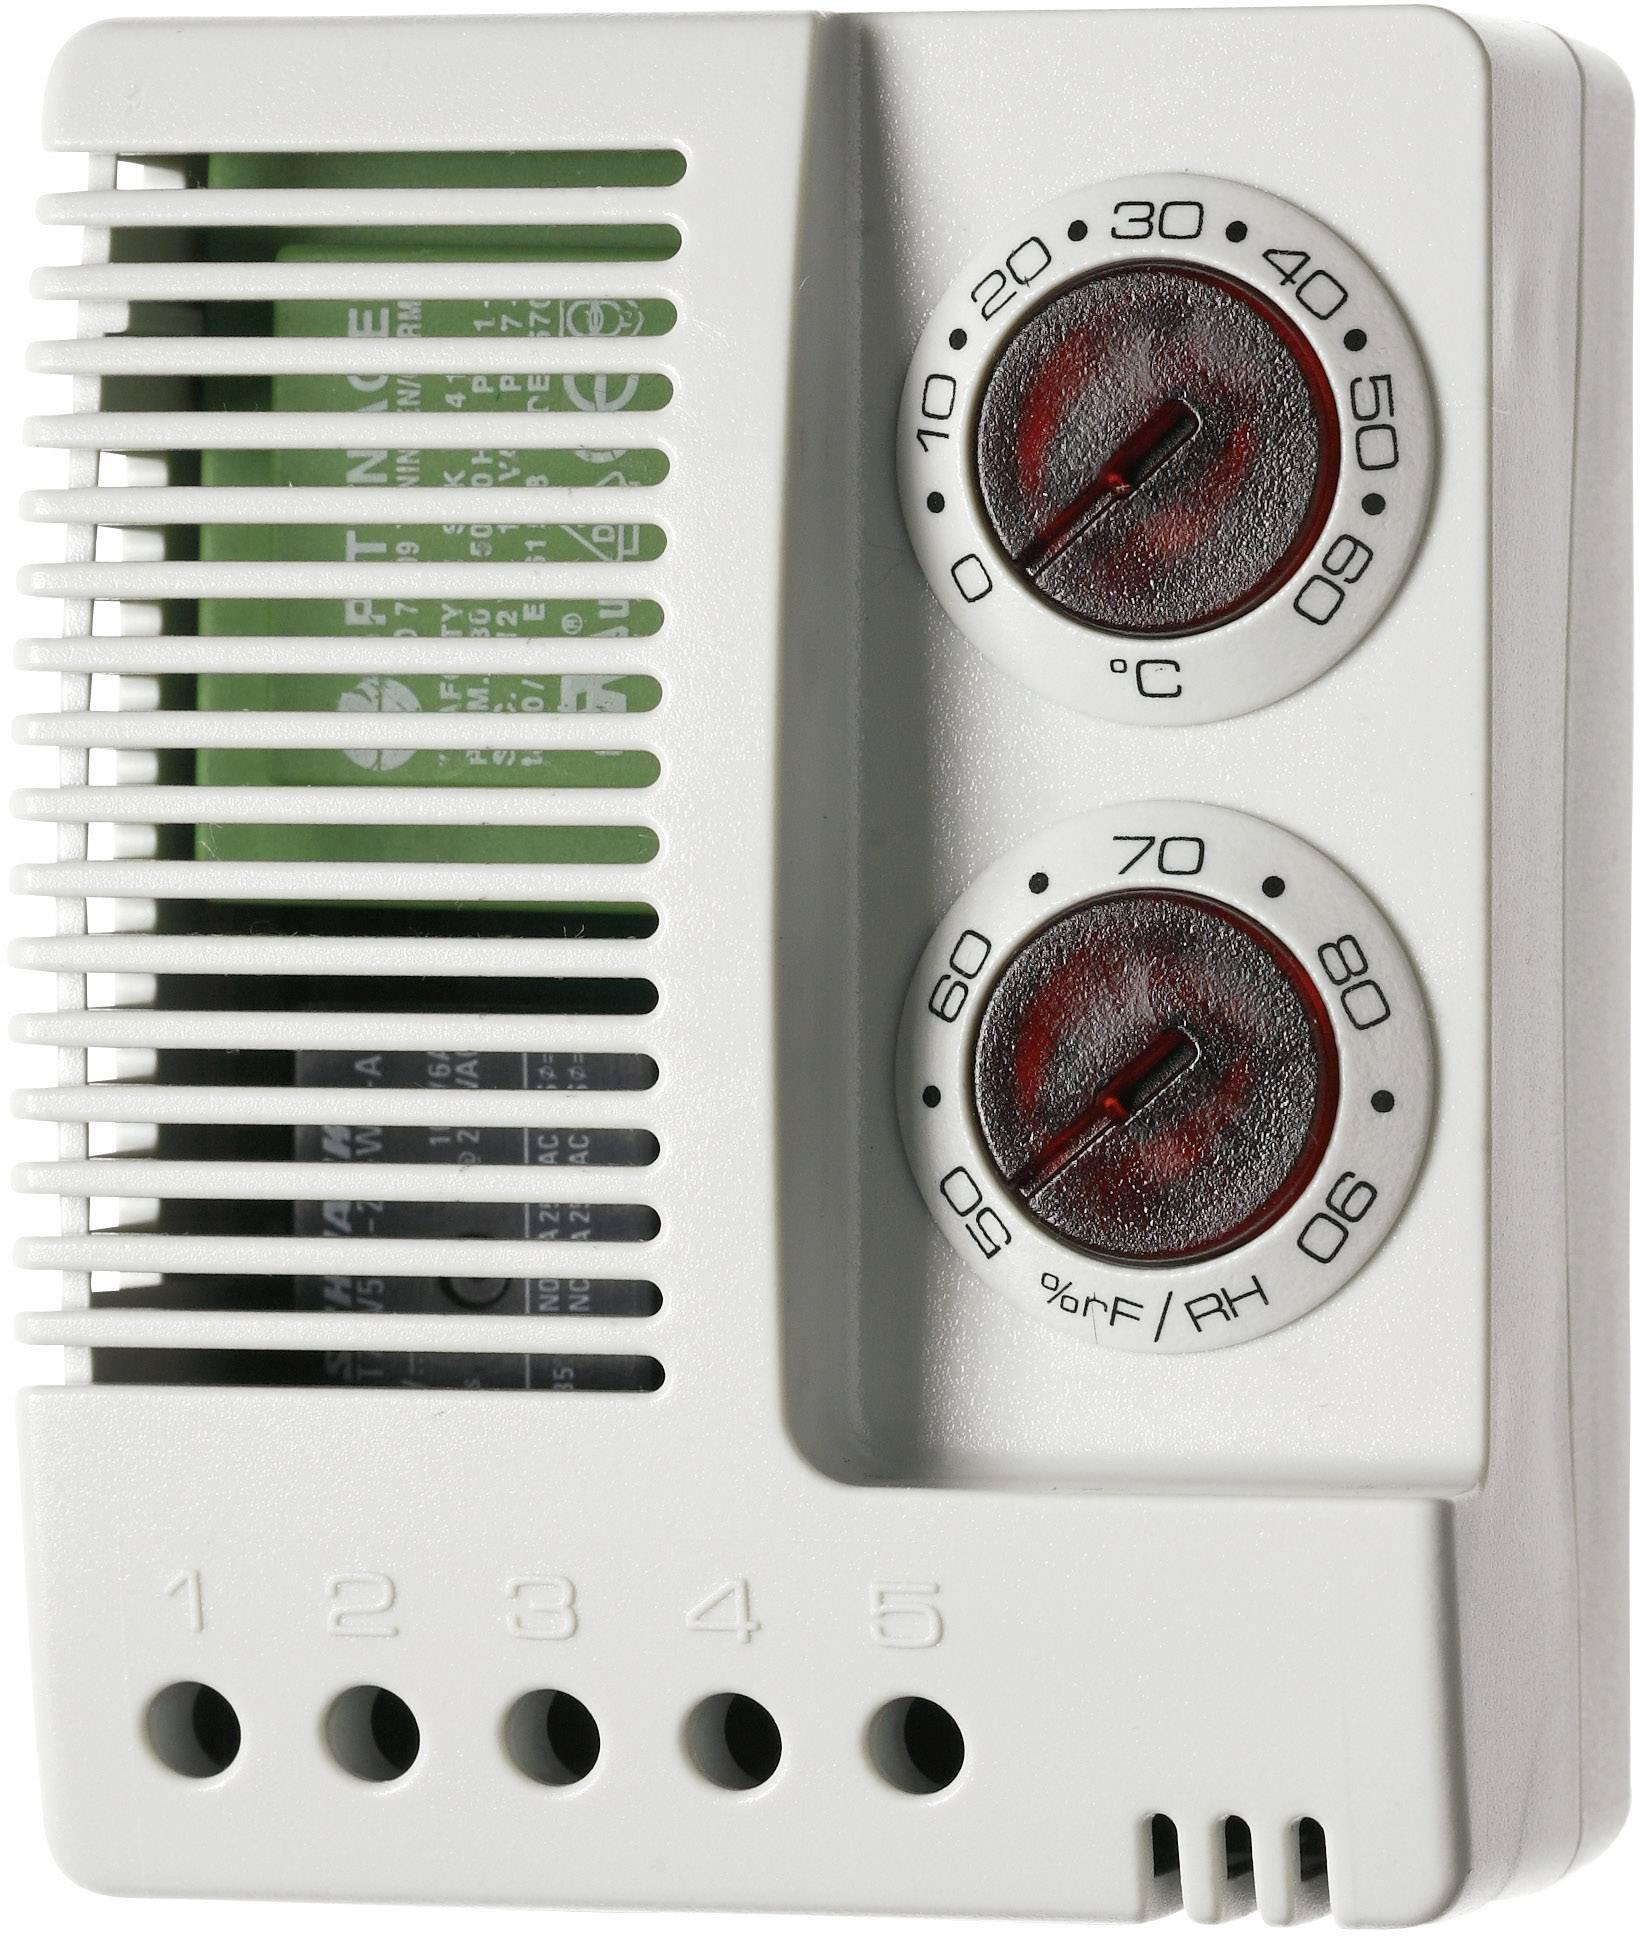 Kombinace hygrostatu a termostatu pro skříňové rozvaděče Finder 7T.91.8.230.4050 7T.91.8.230.4050, 230 V/AC, 1 přepínací kontakt, (d x š x v) 77 x 59 x 38 mm